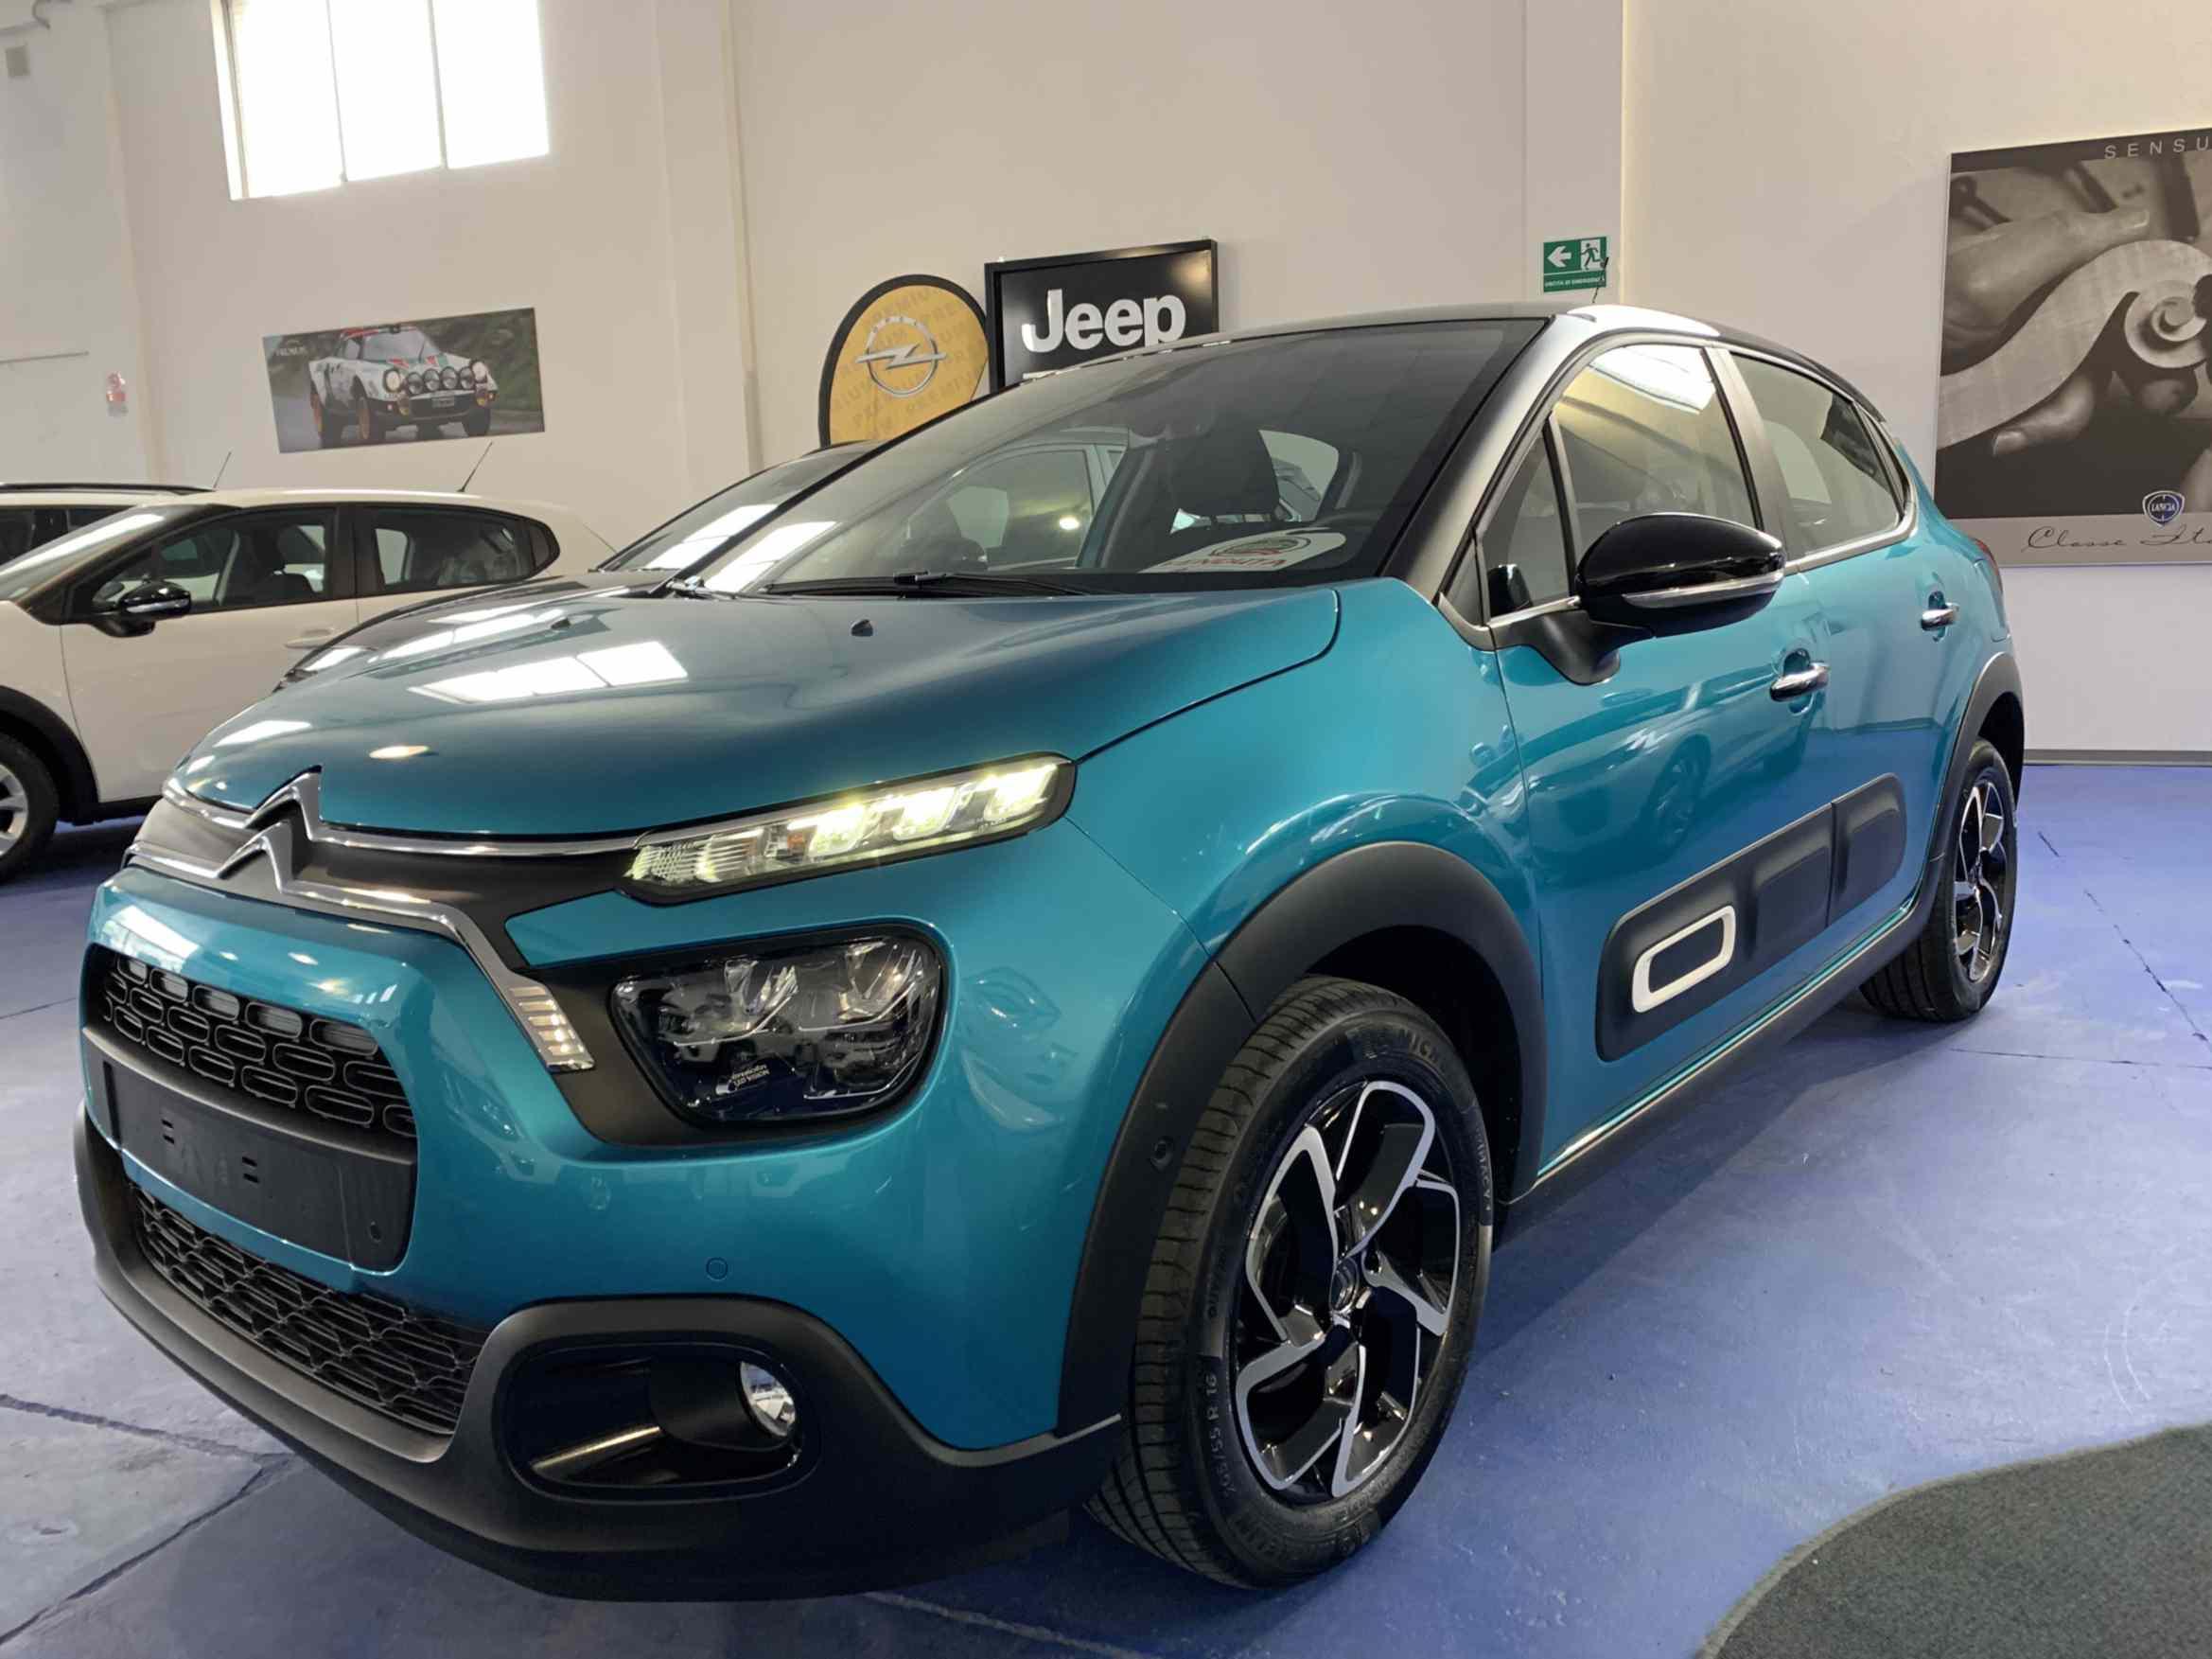 premium_vendita_auto_enna_sicilia_7